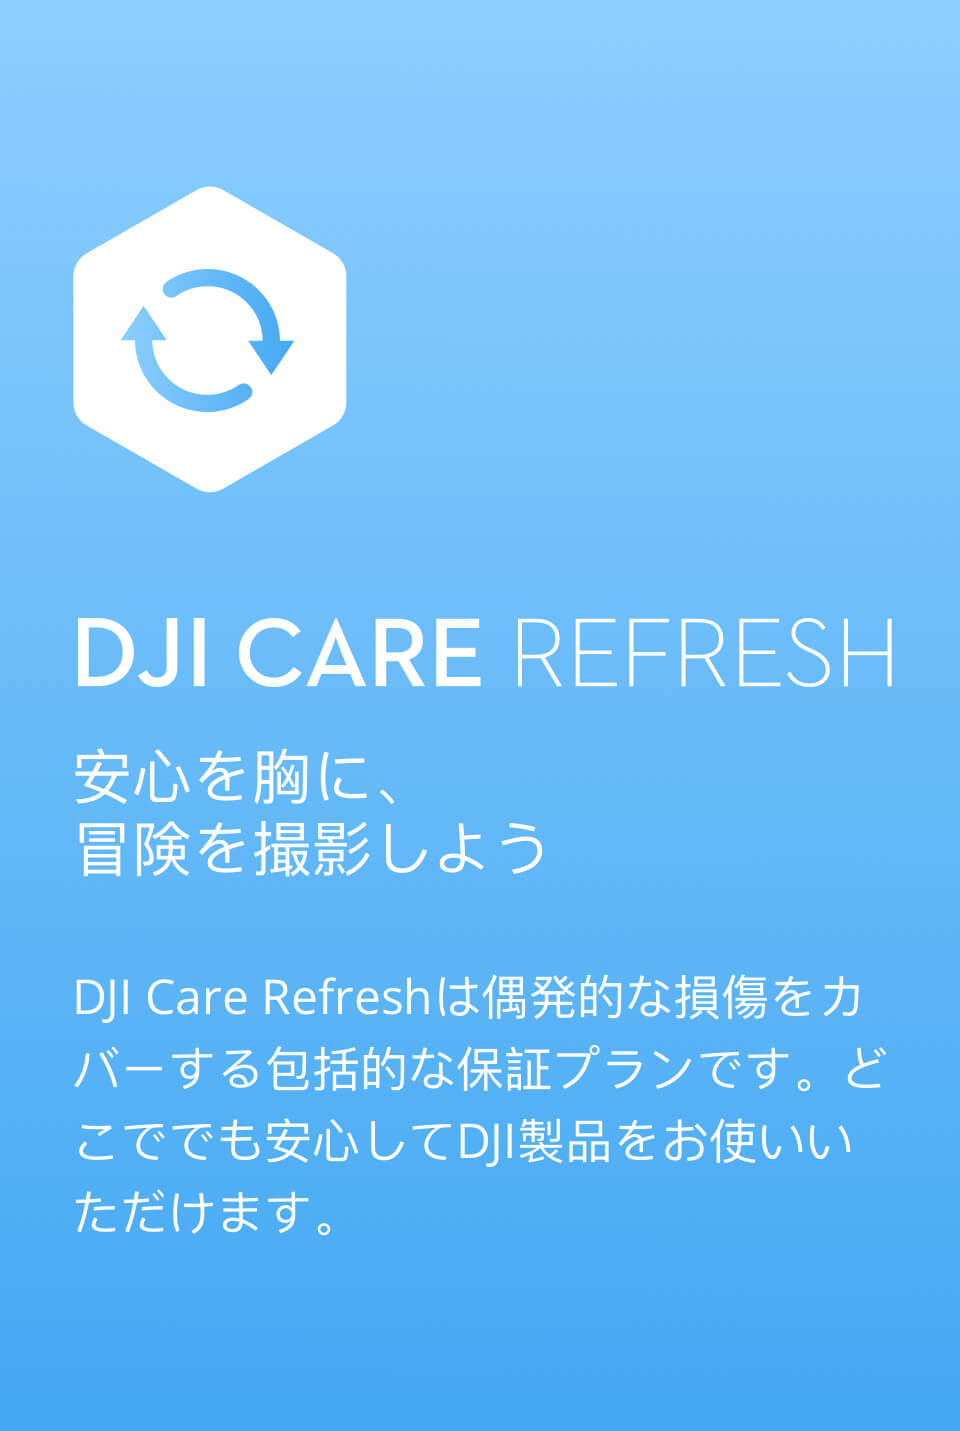 DJI Care Refresh (DJI OM 4) | 安心を胸に、冒険を撮影しよう